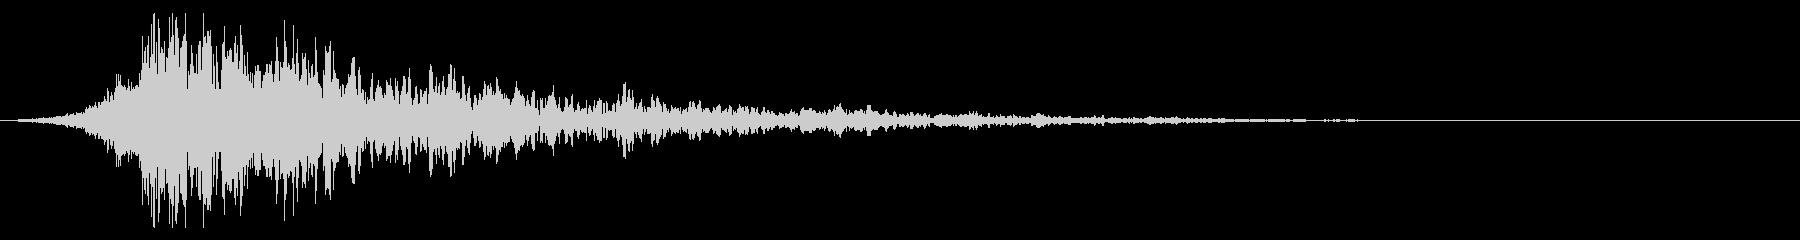 シュードーン-48-2(インパクト音)の未再生の波形